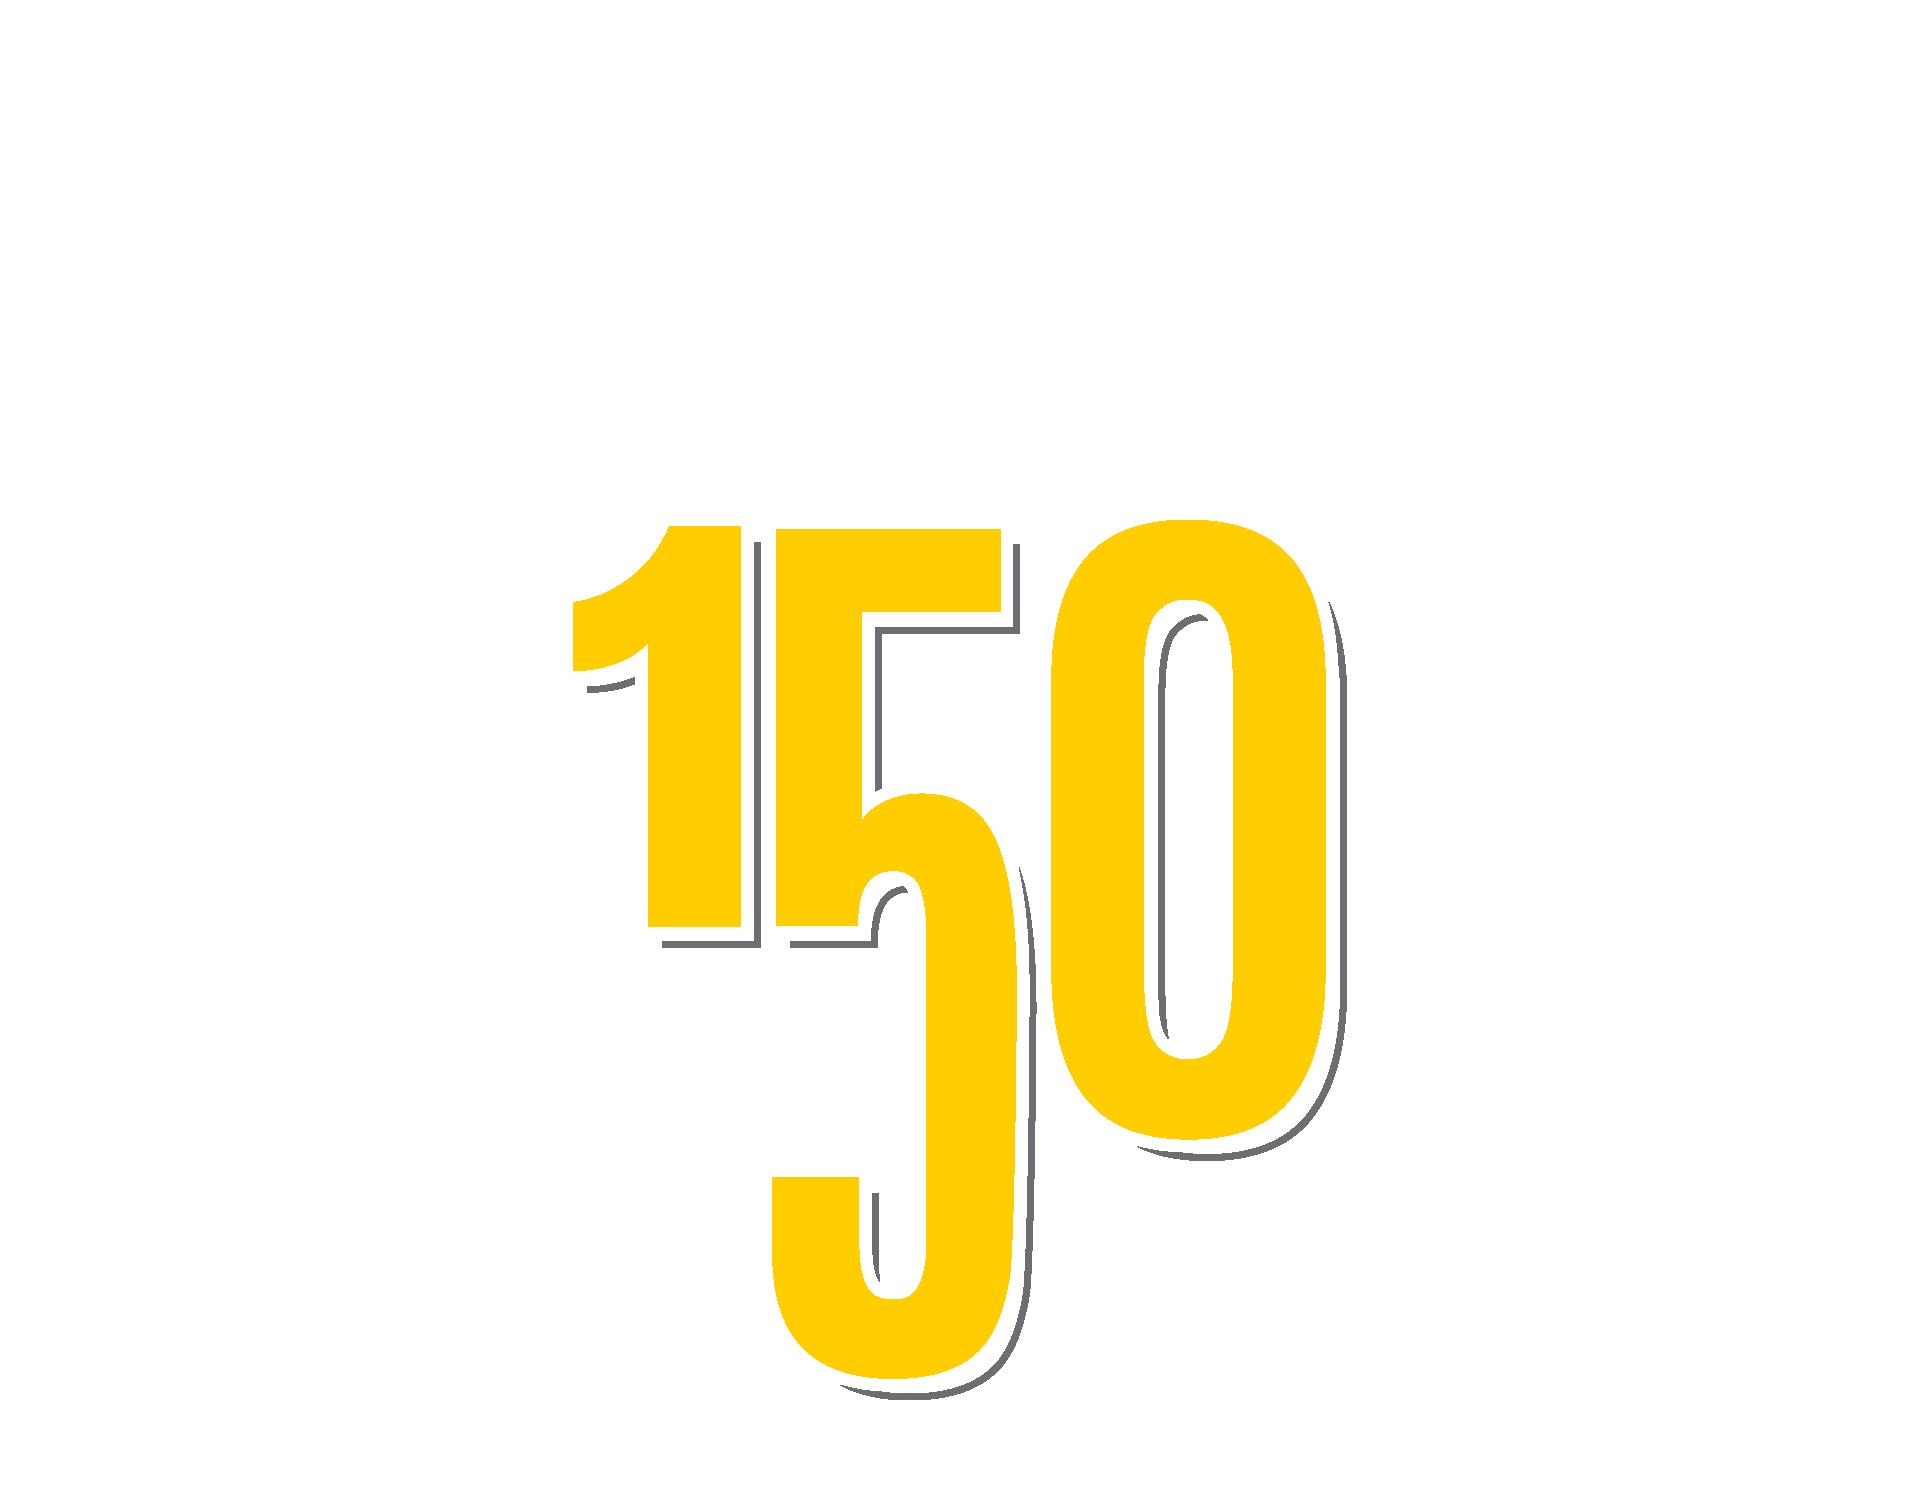 CCOM 150 Tag